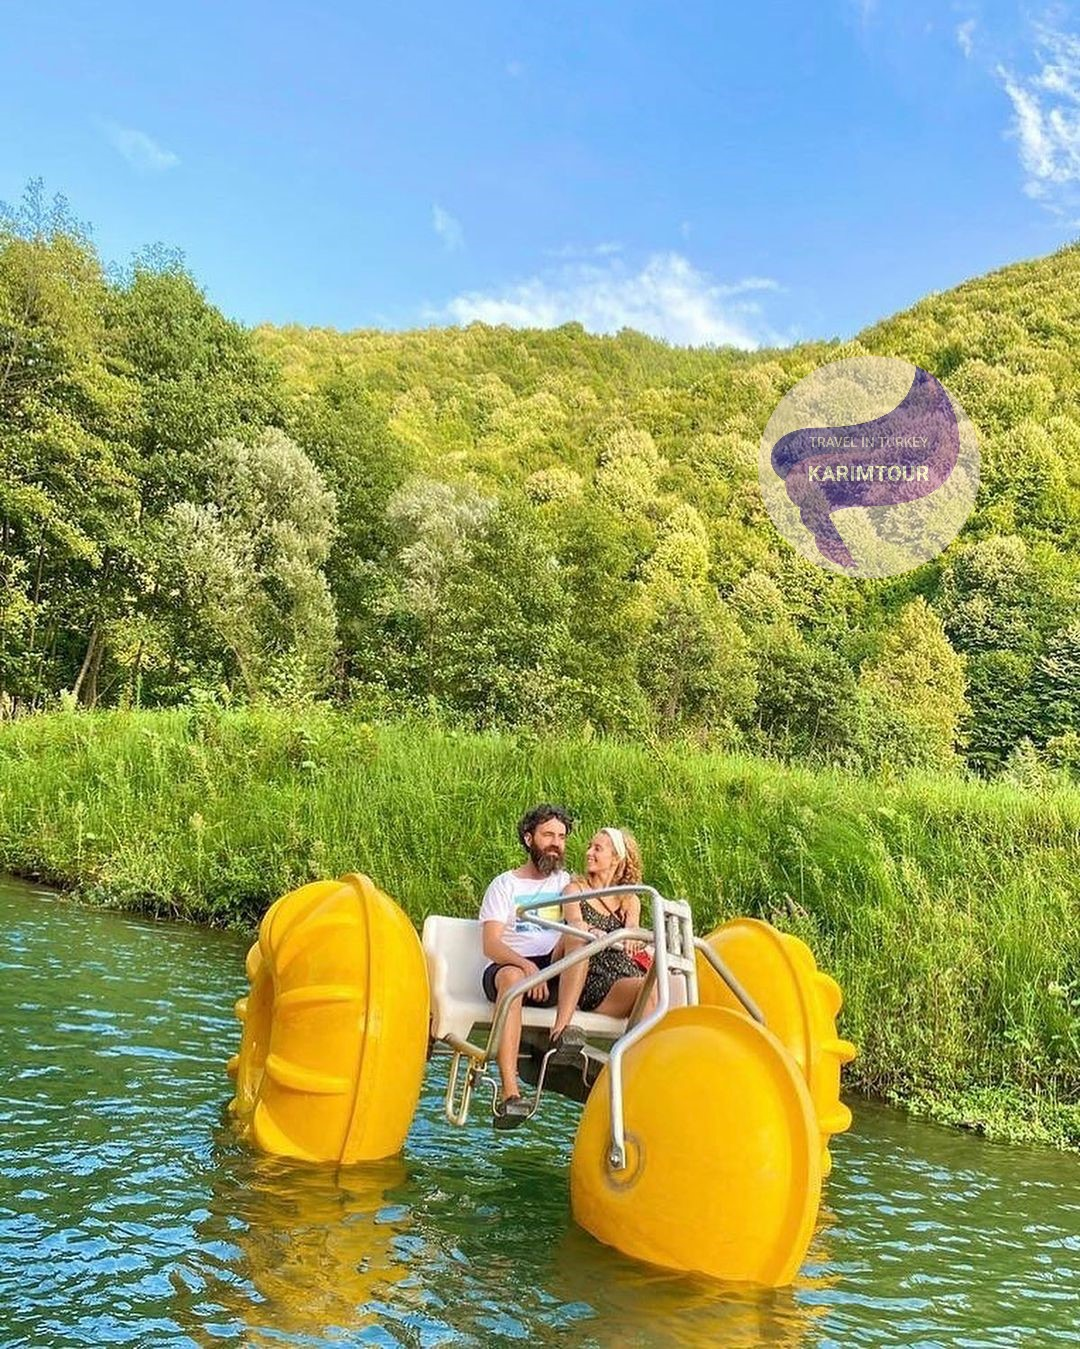 جلسة في قارب على شكل موتور في داخل البحيرة